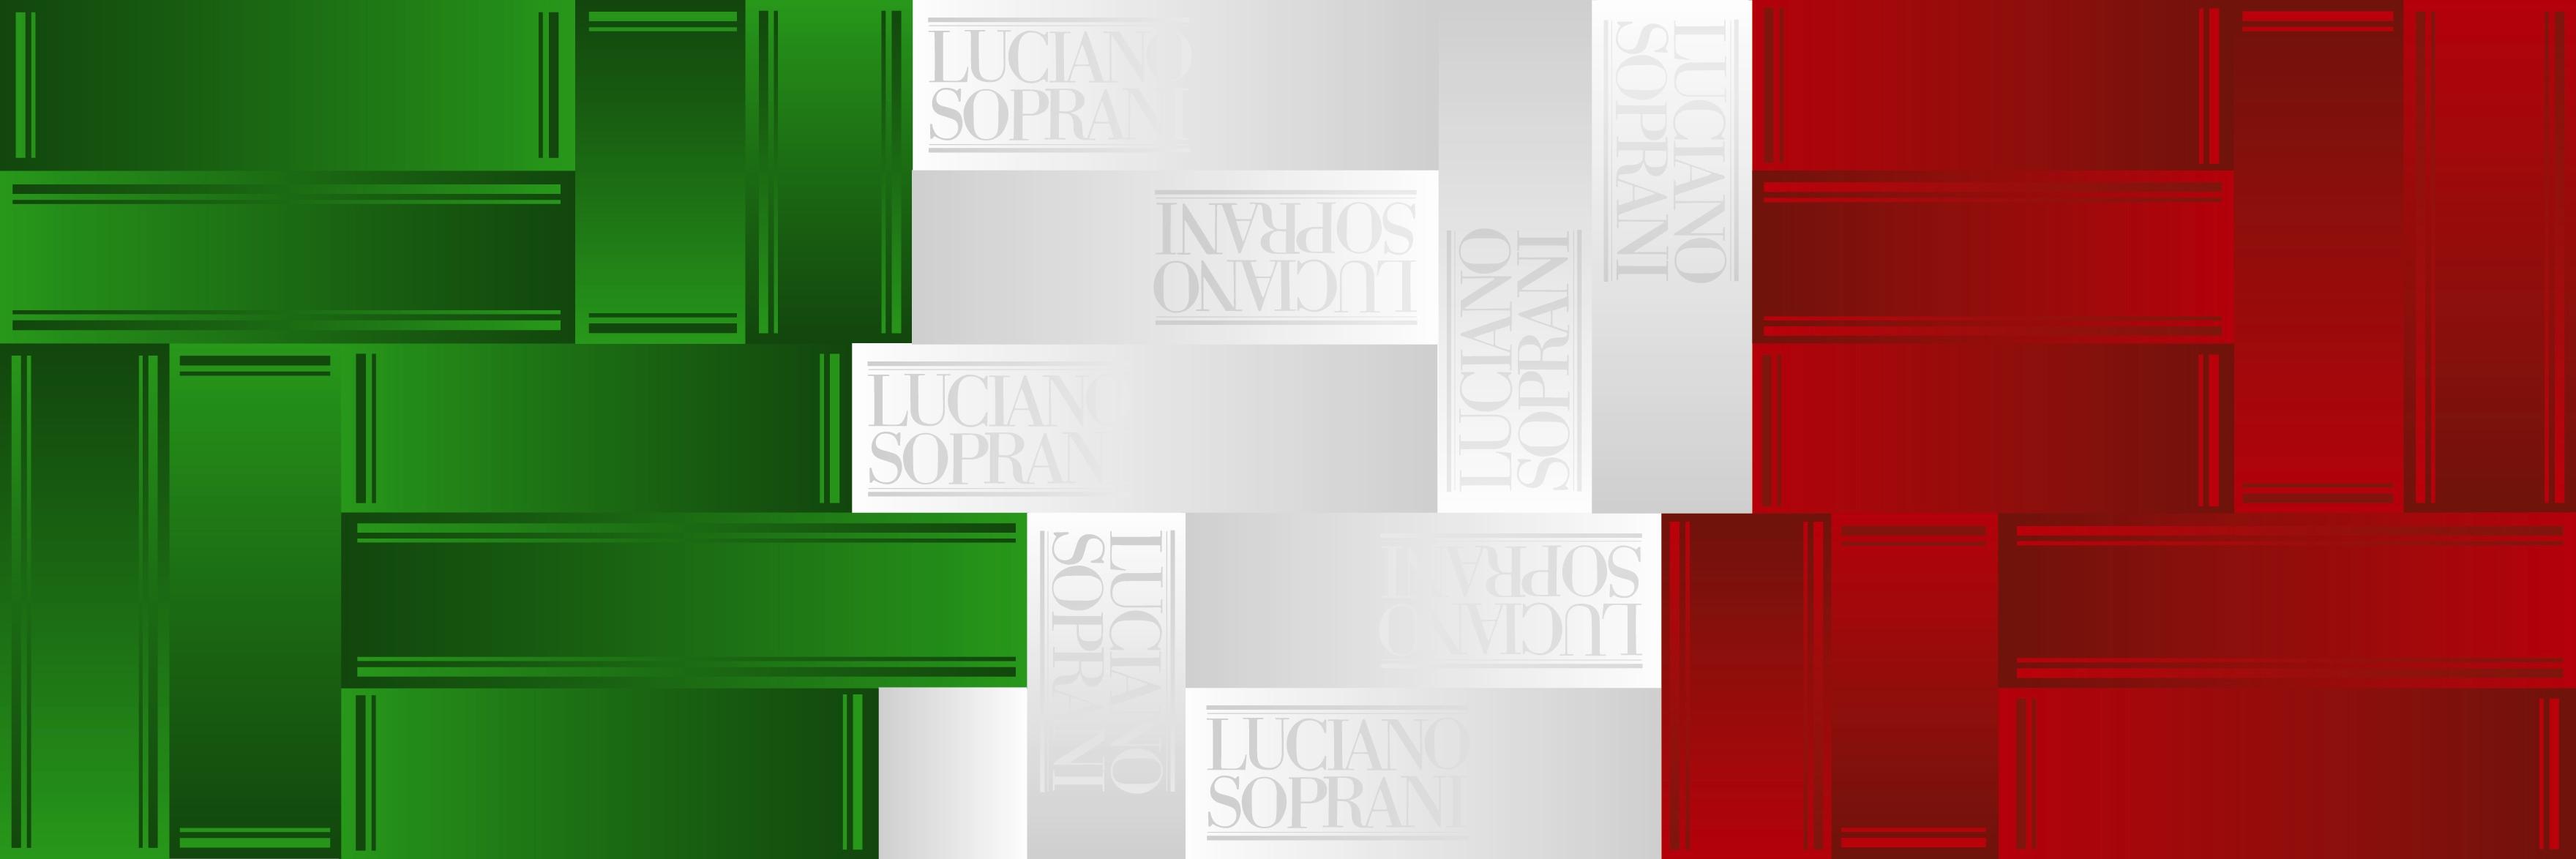 Alla mostra espressioni di stile sul tema della bandiera italiana sfila il tricolore modaonlive - Costume da bagno tricolore ...